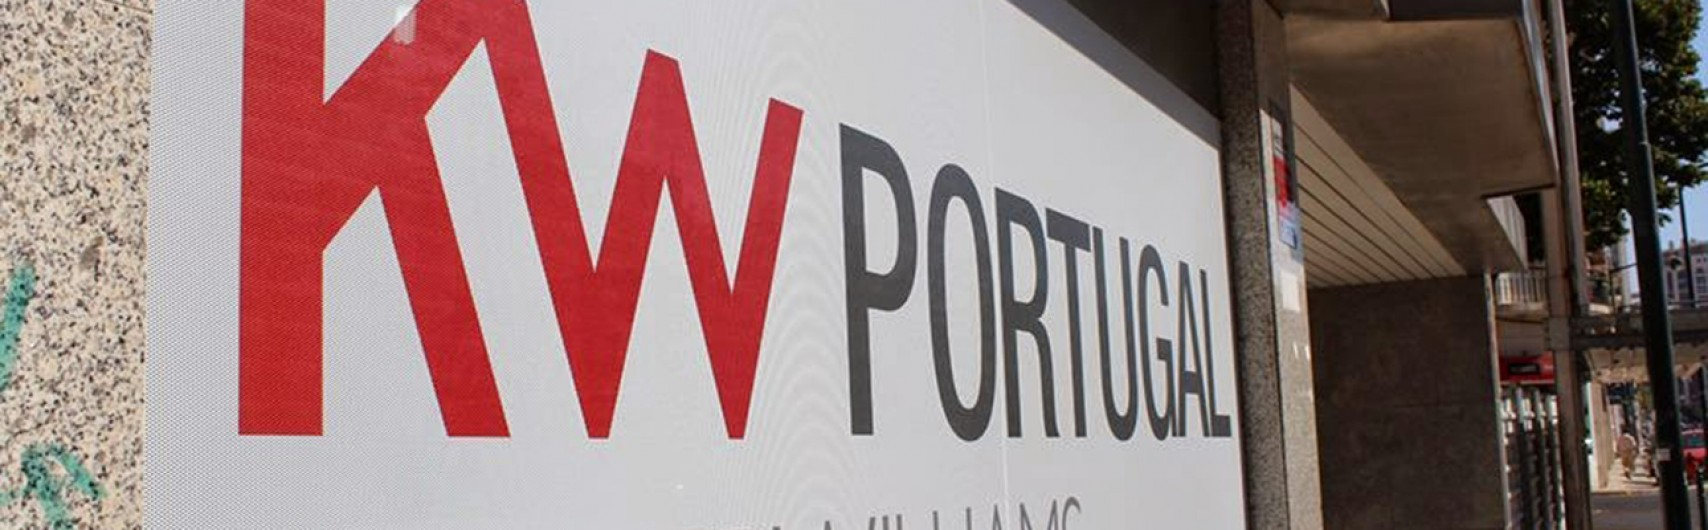 KW Portugal atinge vendas de 1200 M€ em 2017